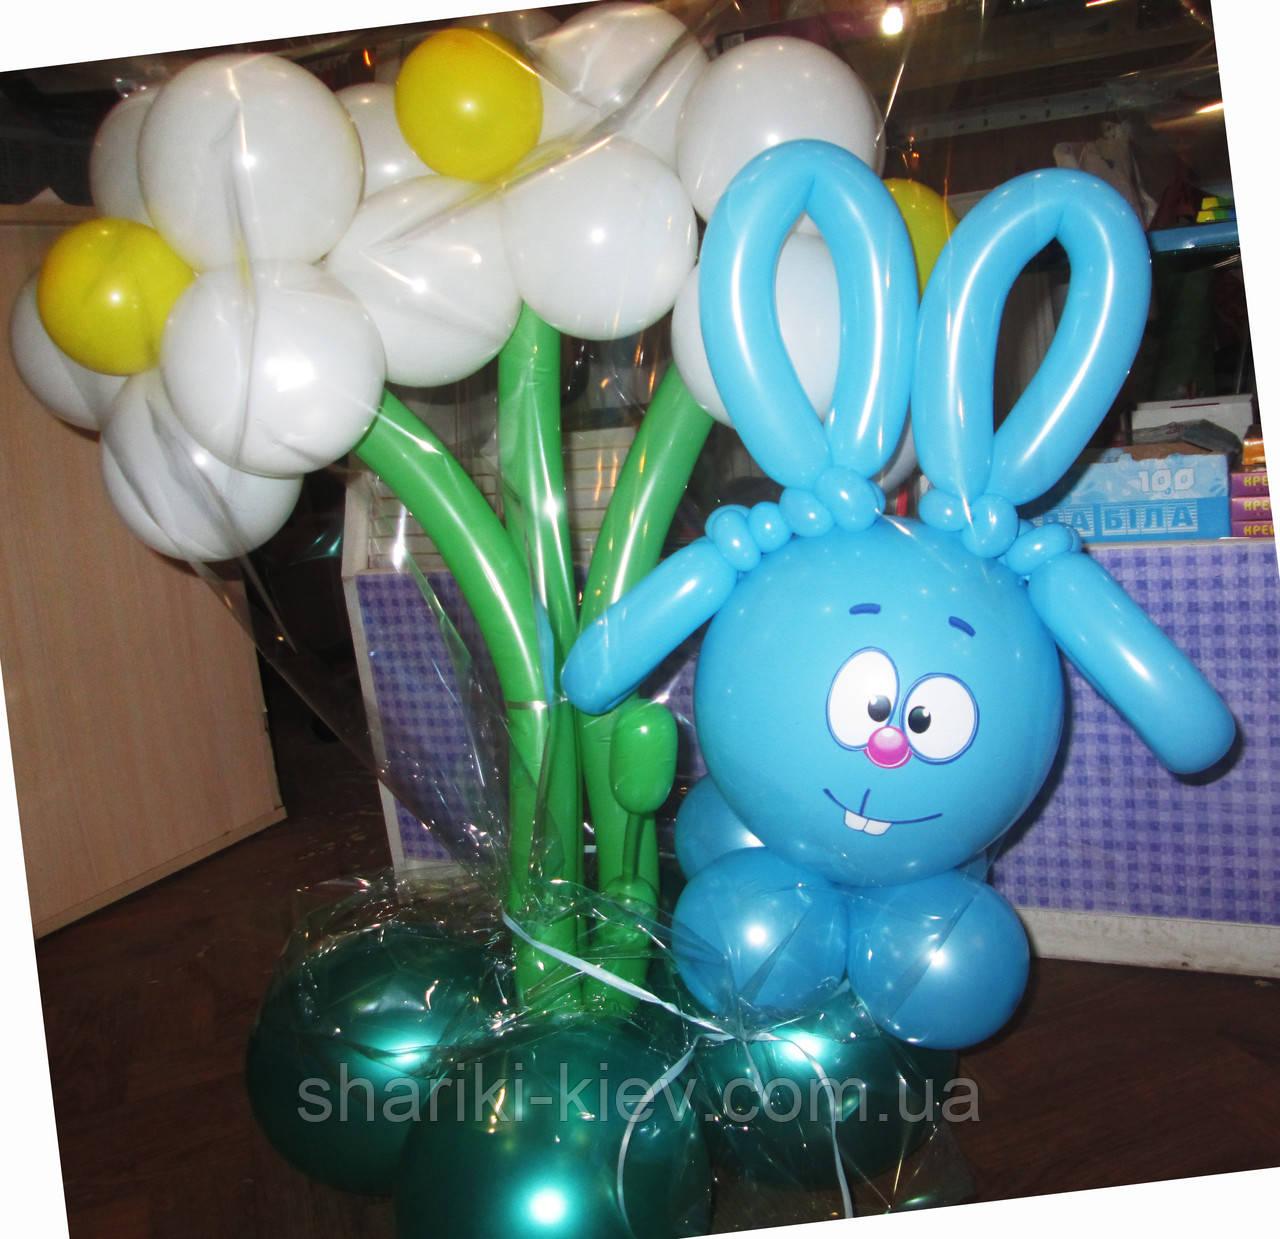 Букет из шариков Ромашки и Смешарик на День рождения